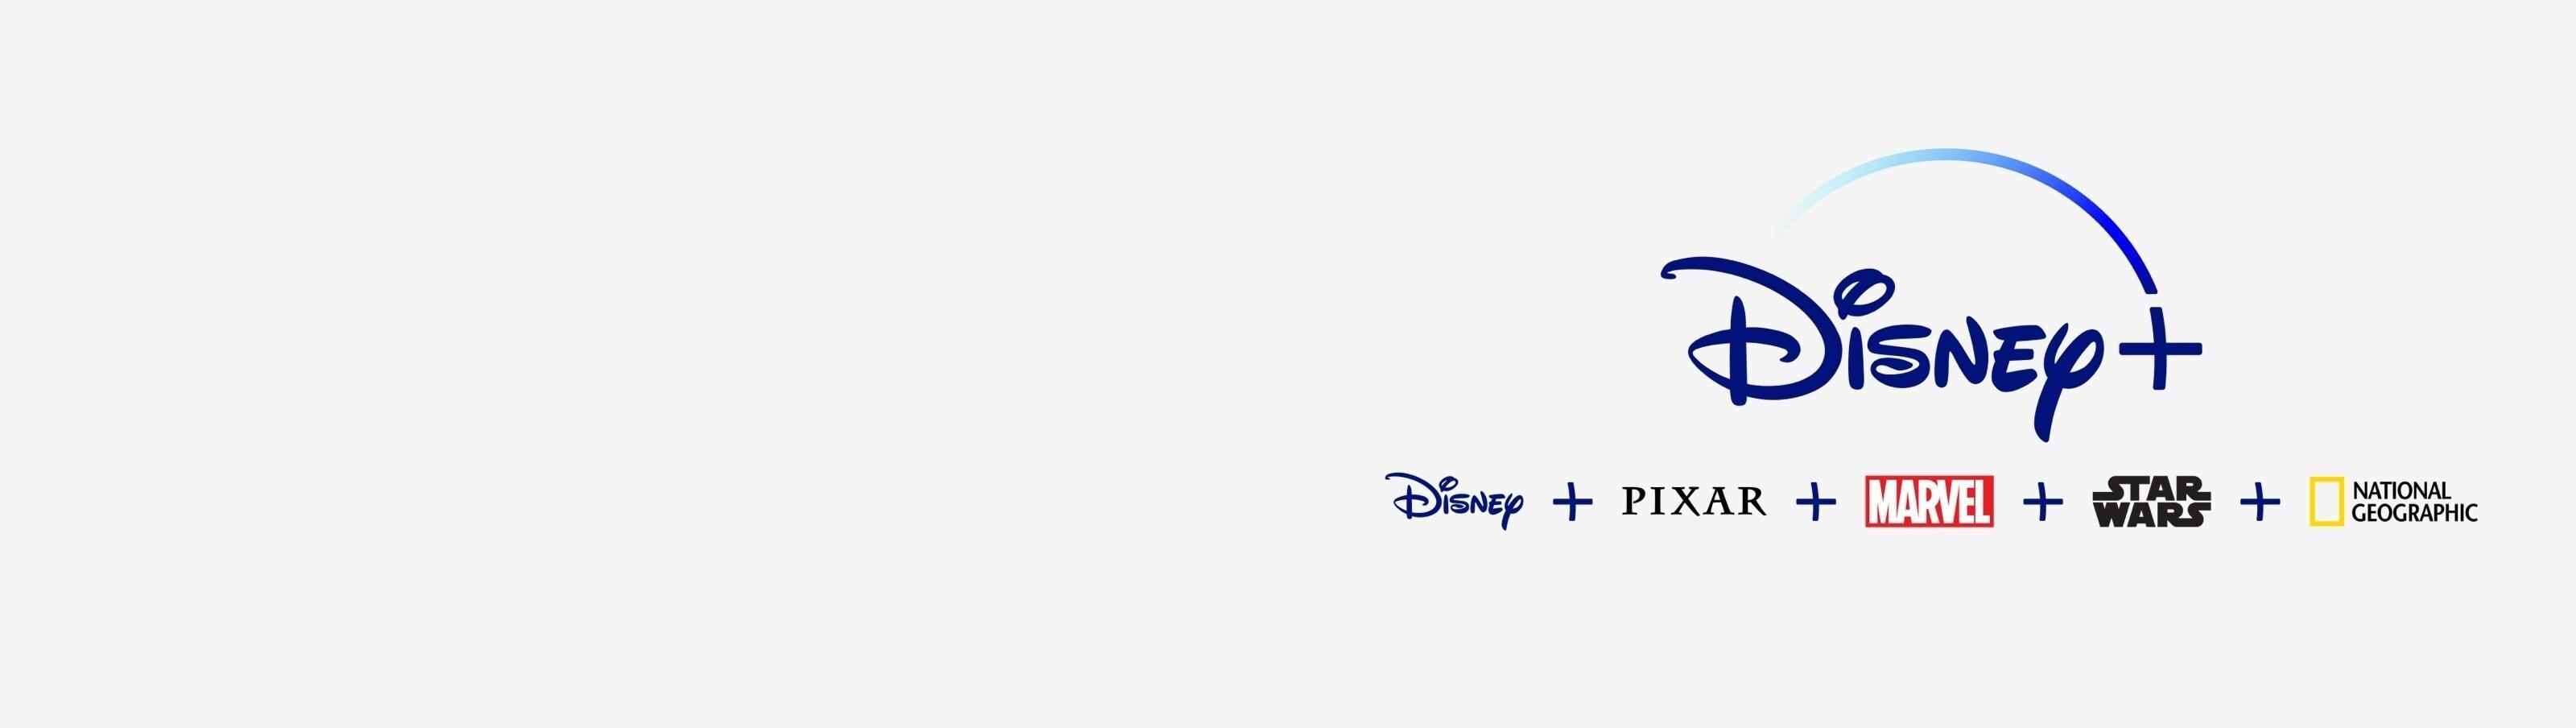 Find ud af mere om Disney+